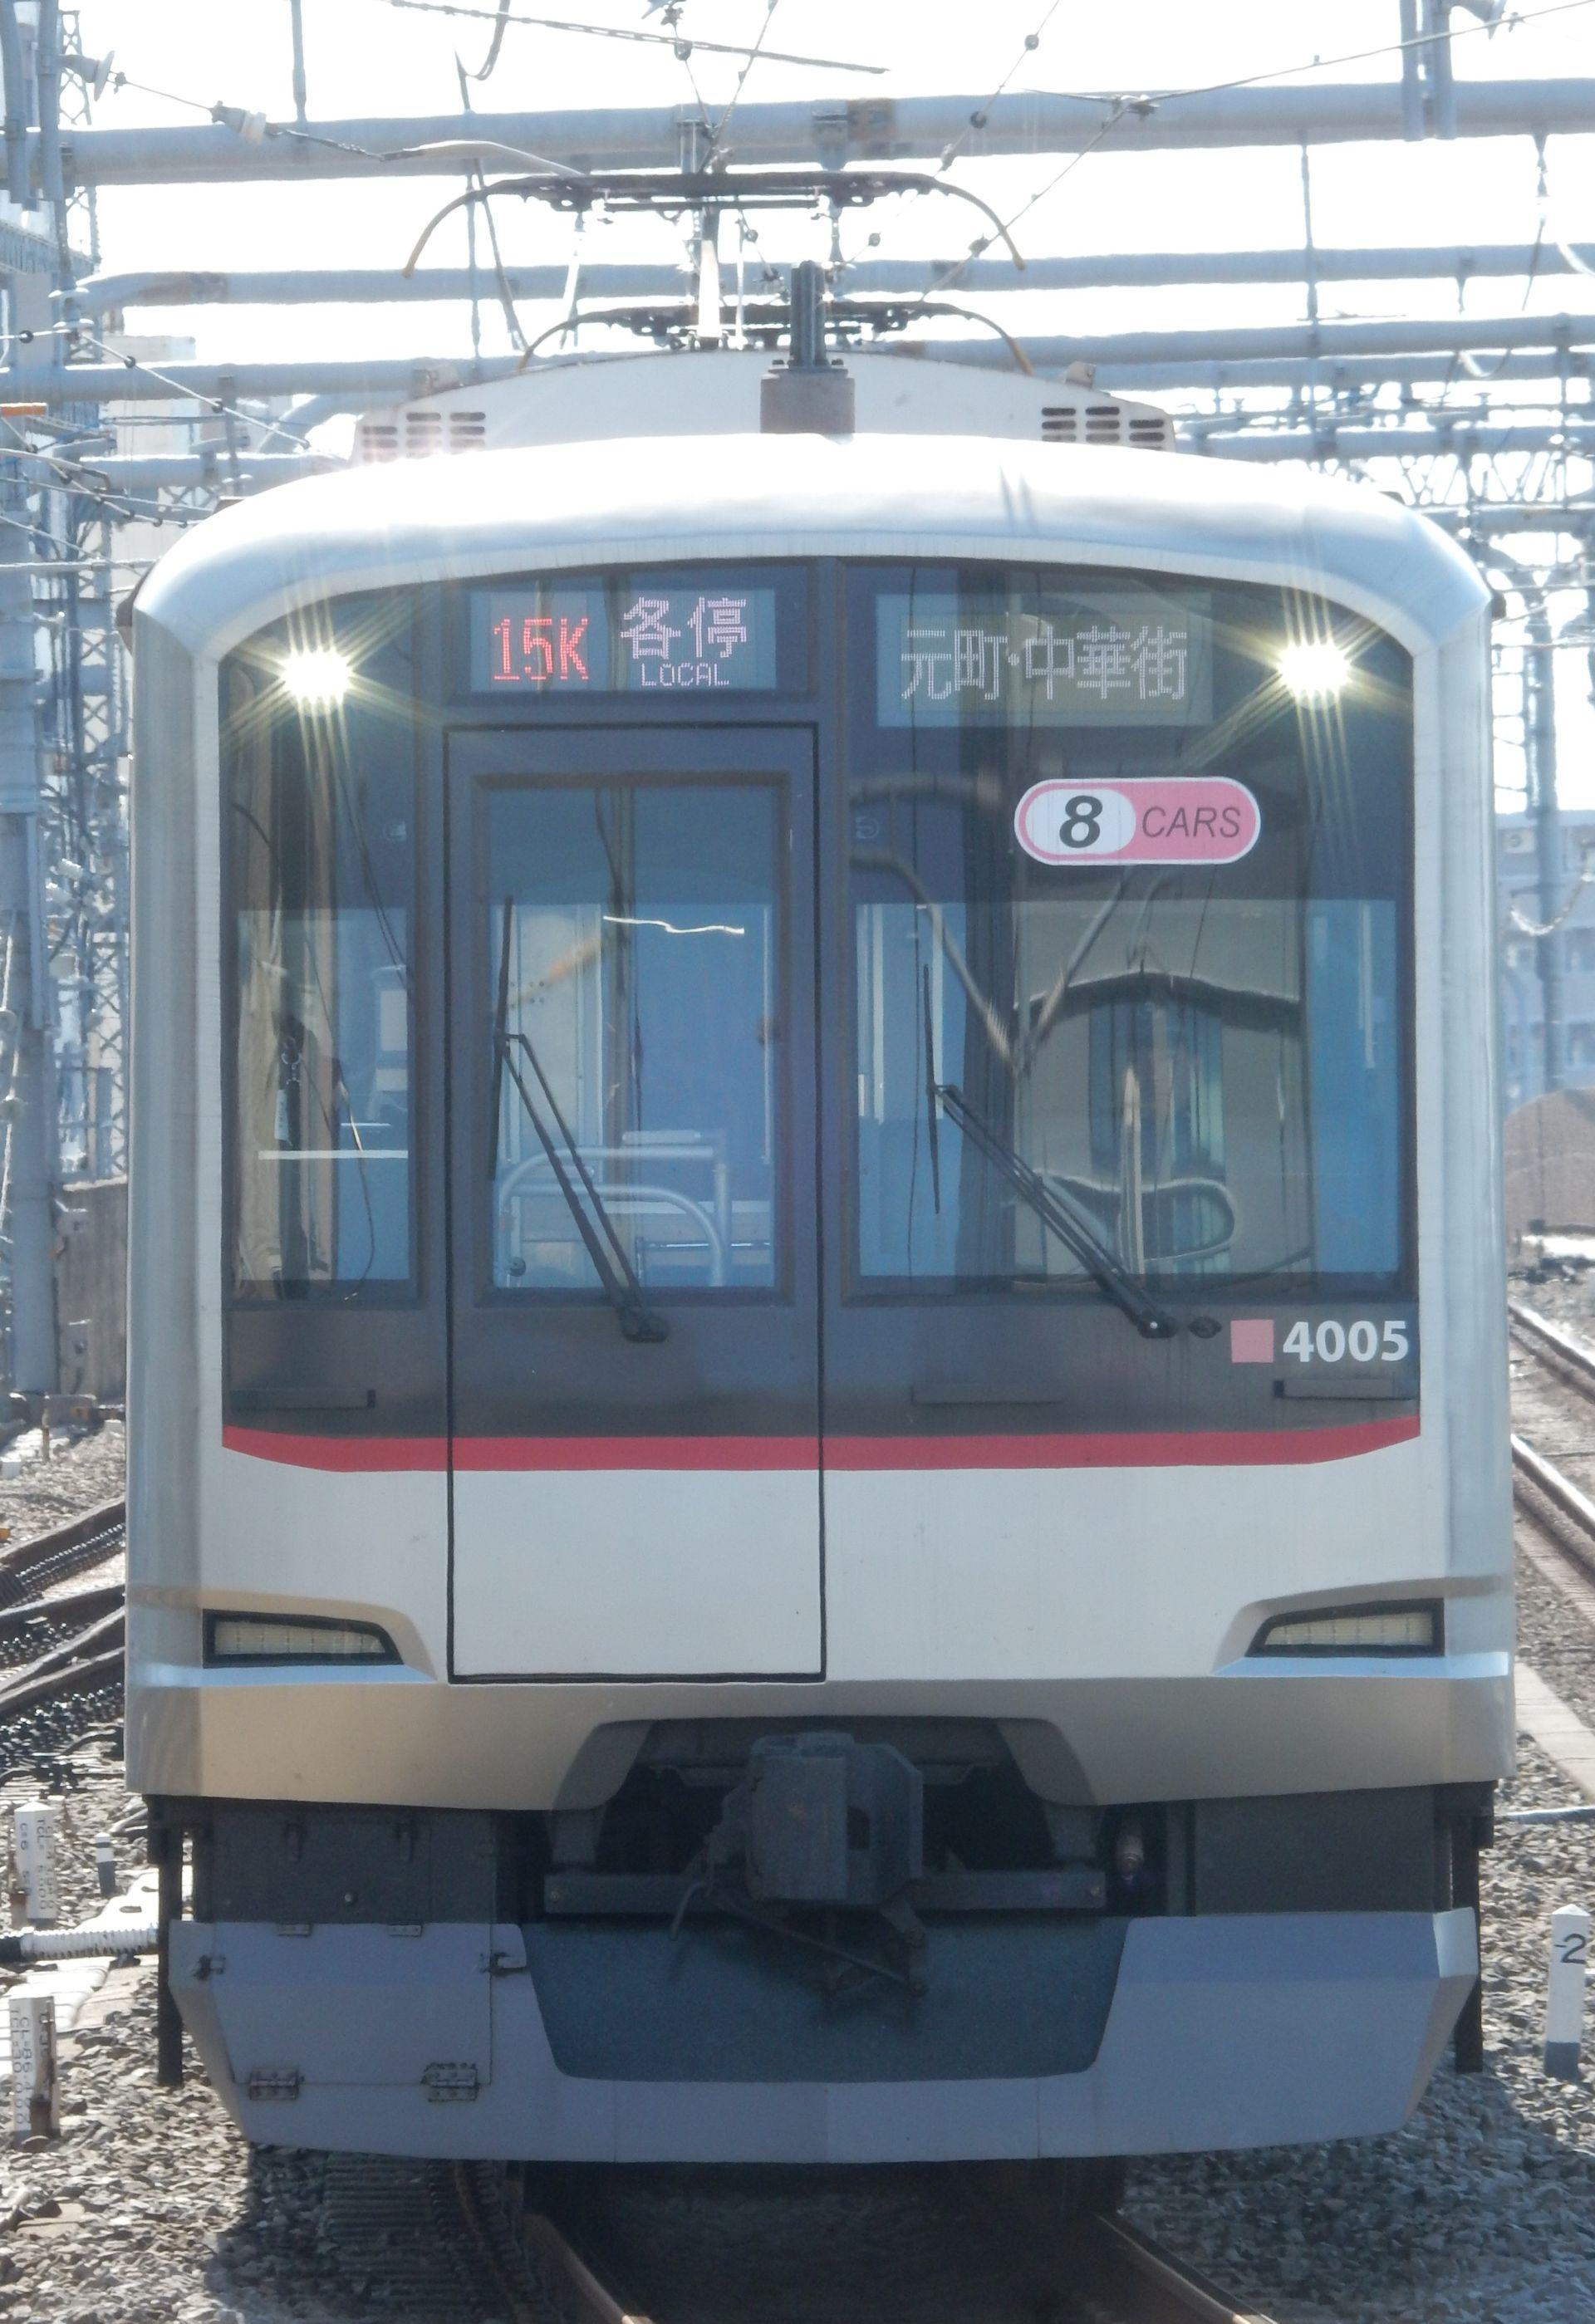 DSCN9041 - コピー